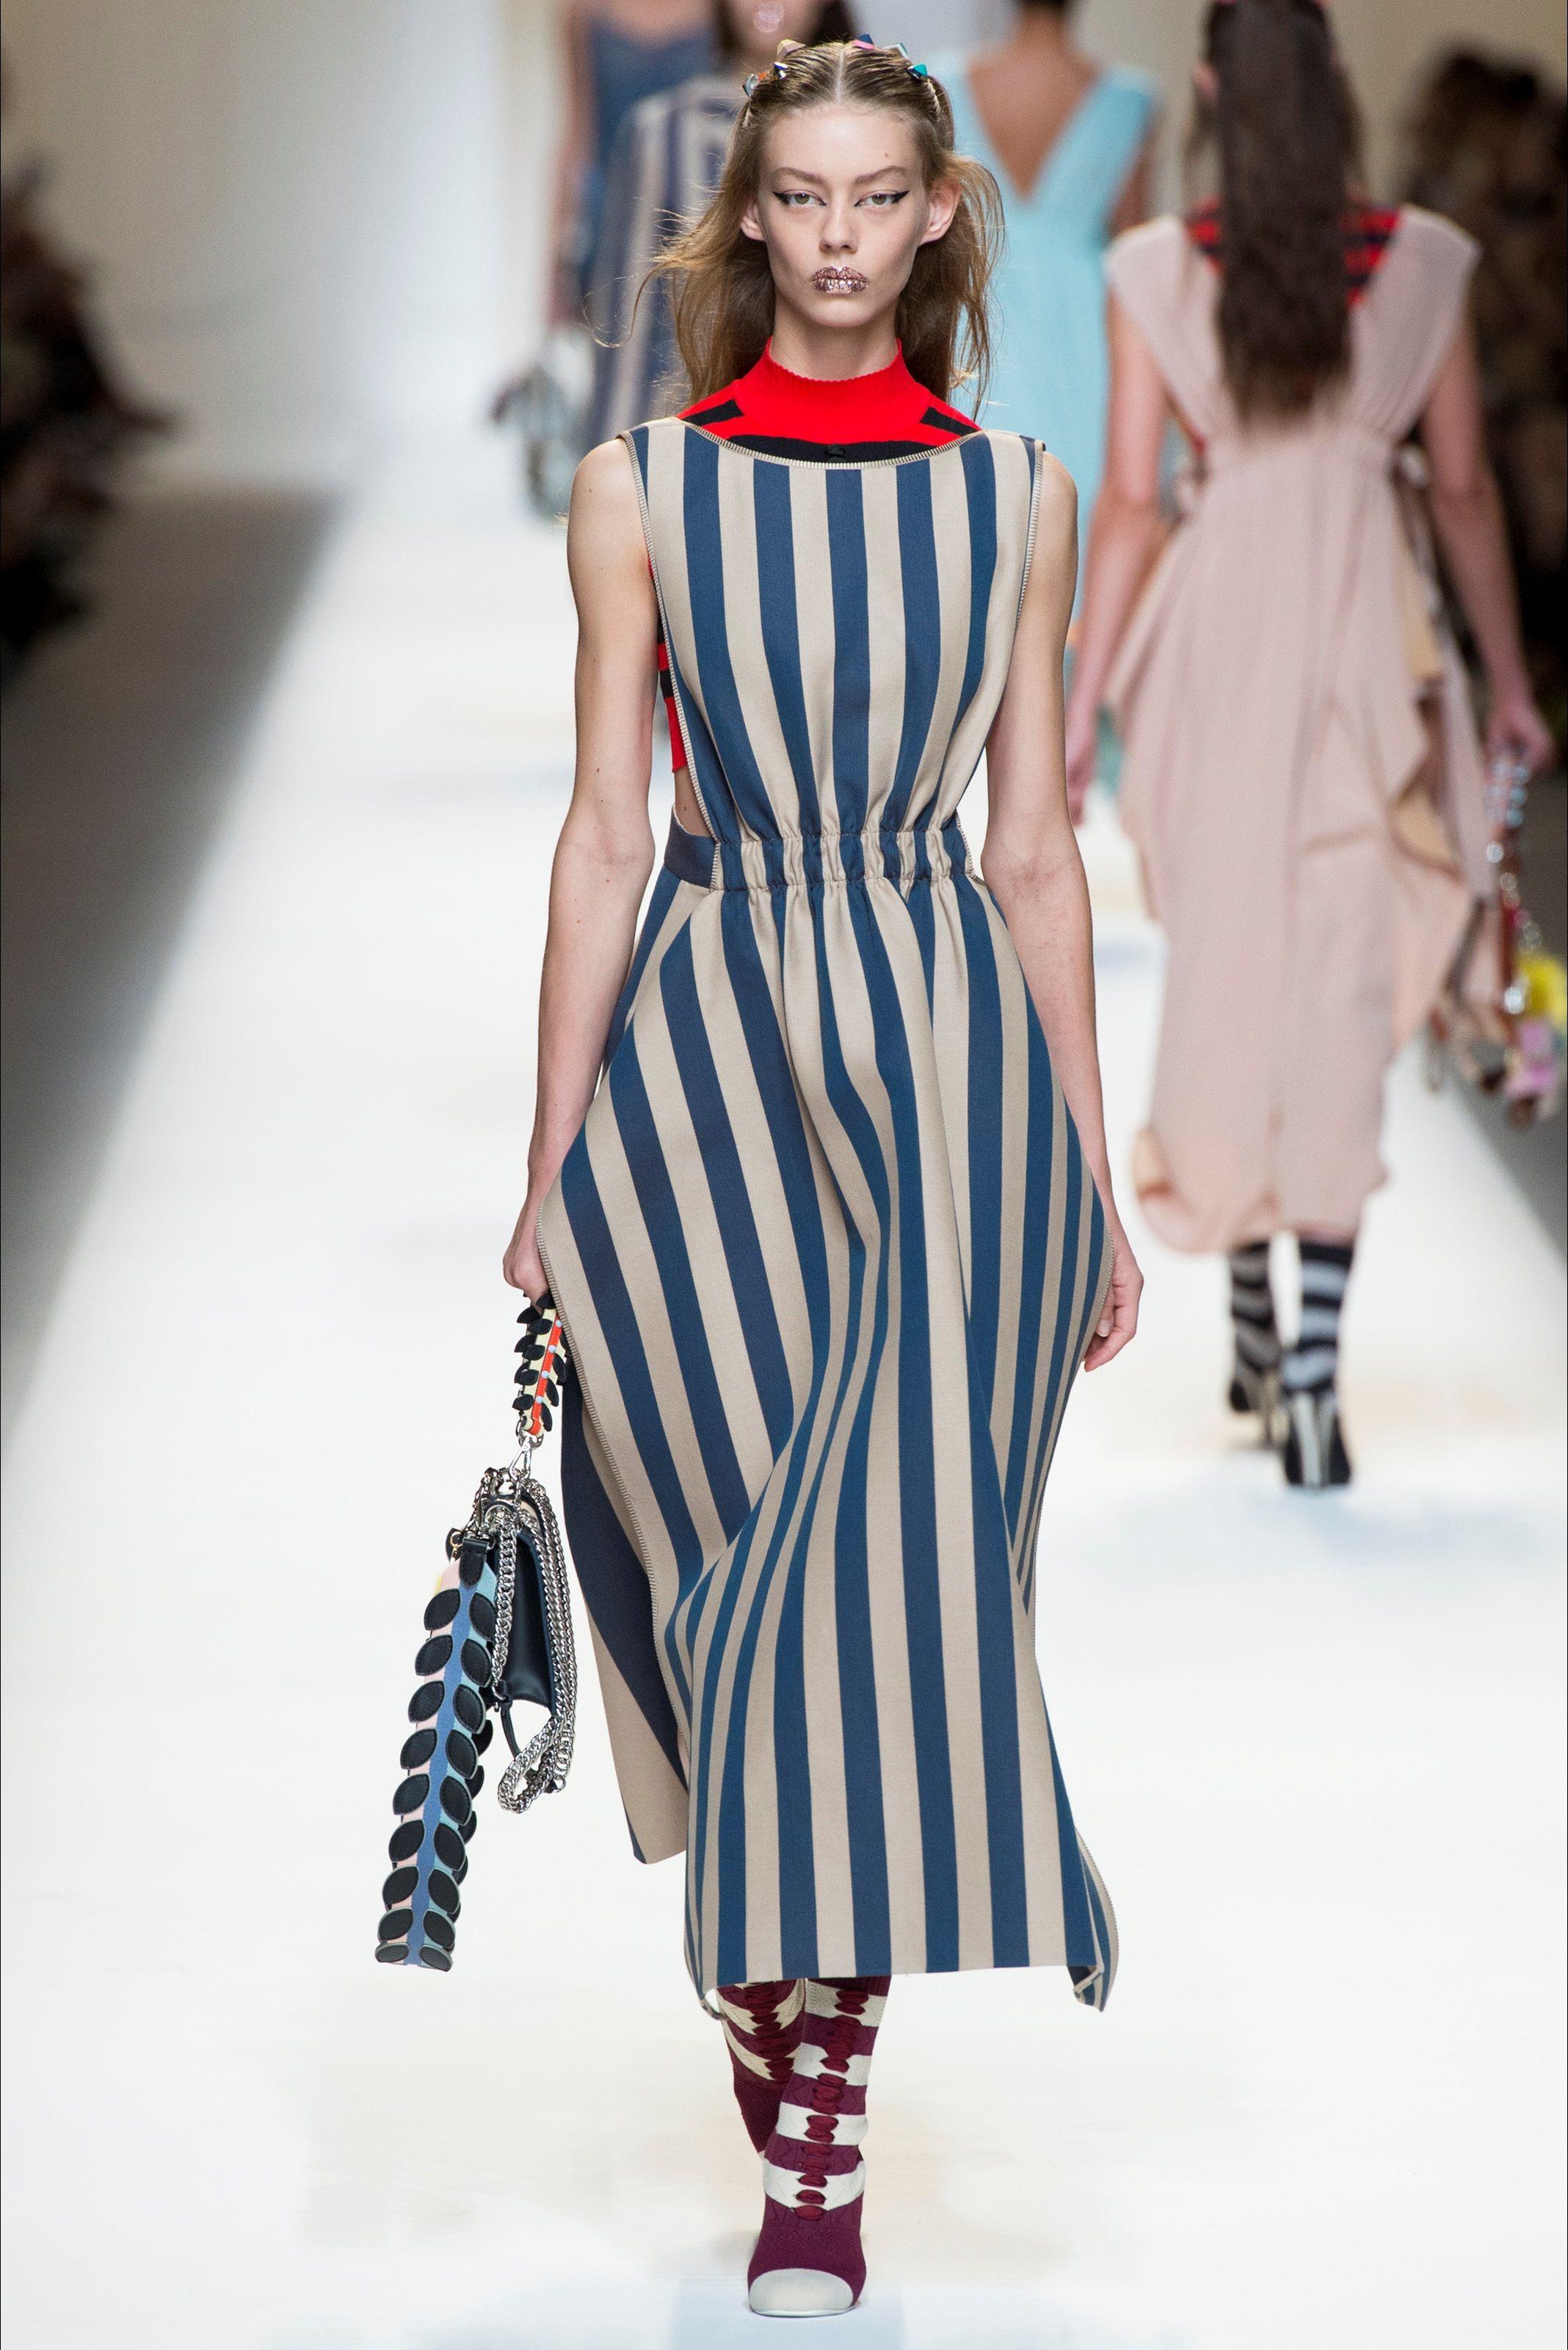 22ec99c443d5 Guarda la sfilata di moda Fendi a Milano e scopri la collezione di abiti e  accessori per la stagione Collezioni Primavera Estate 2017.